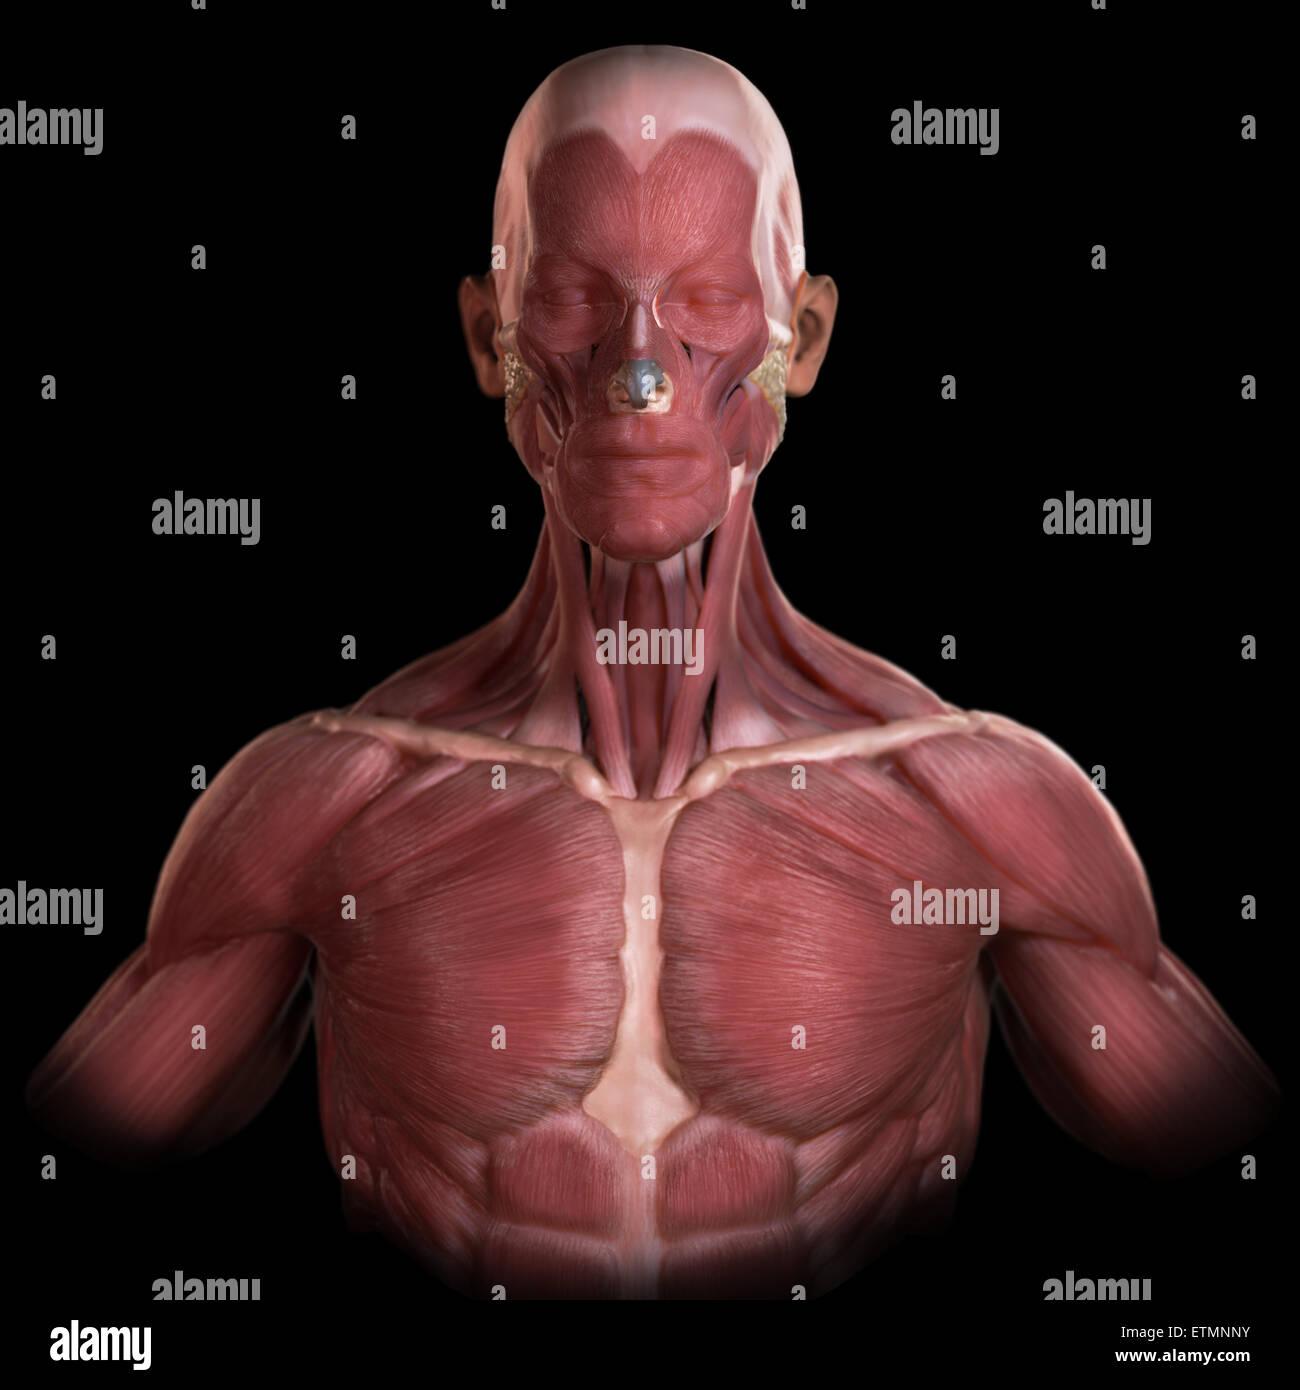 Image conceptuelle des muscles de la face et la partie supérieure du corps. Photo Stock